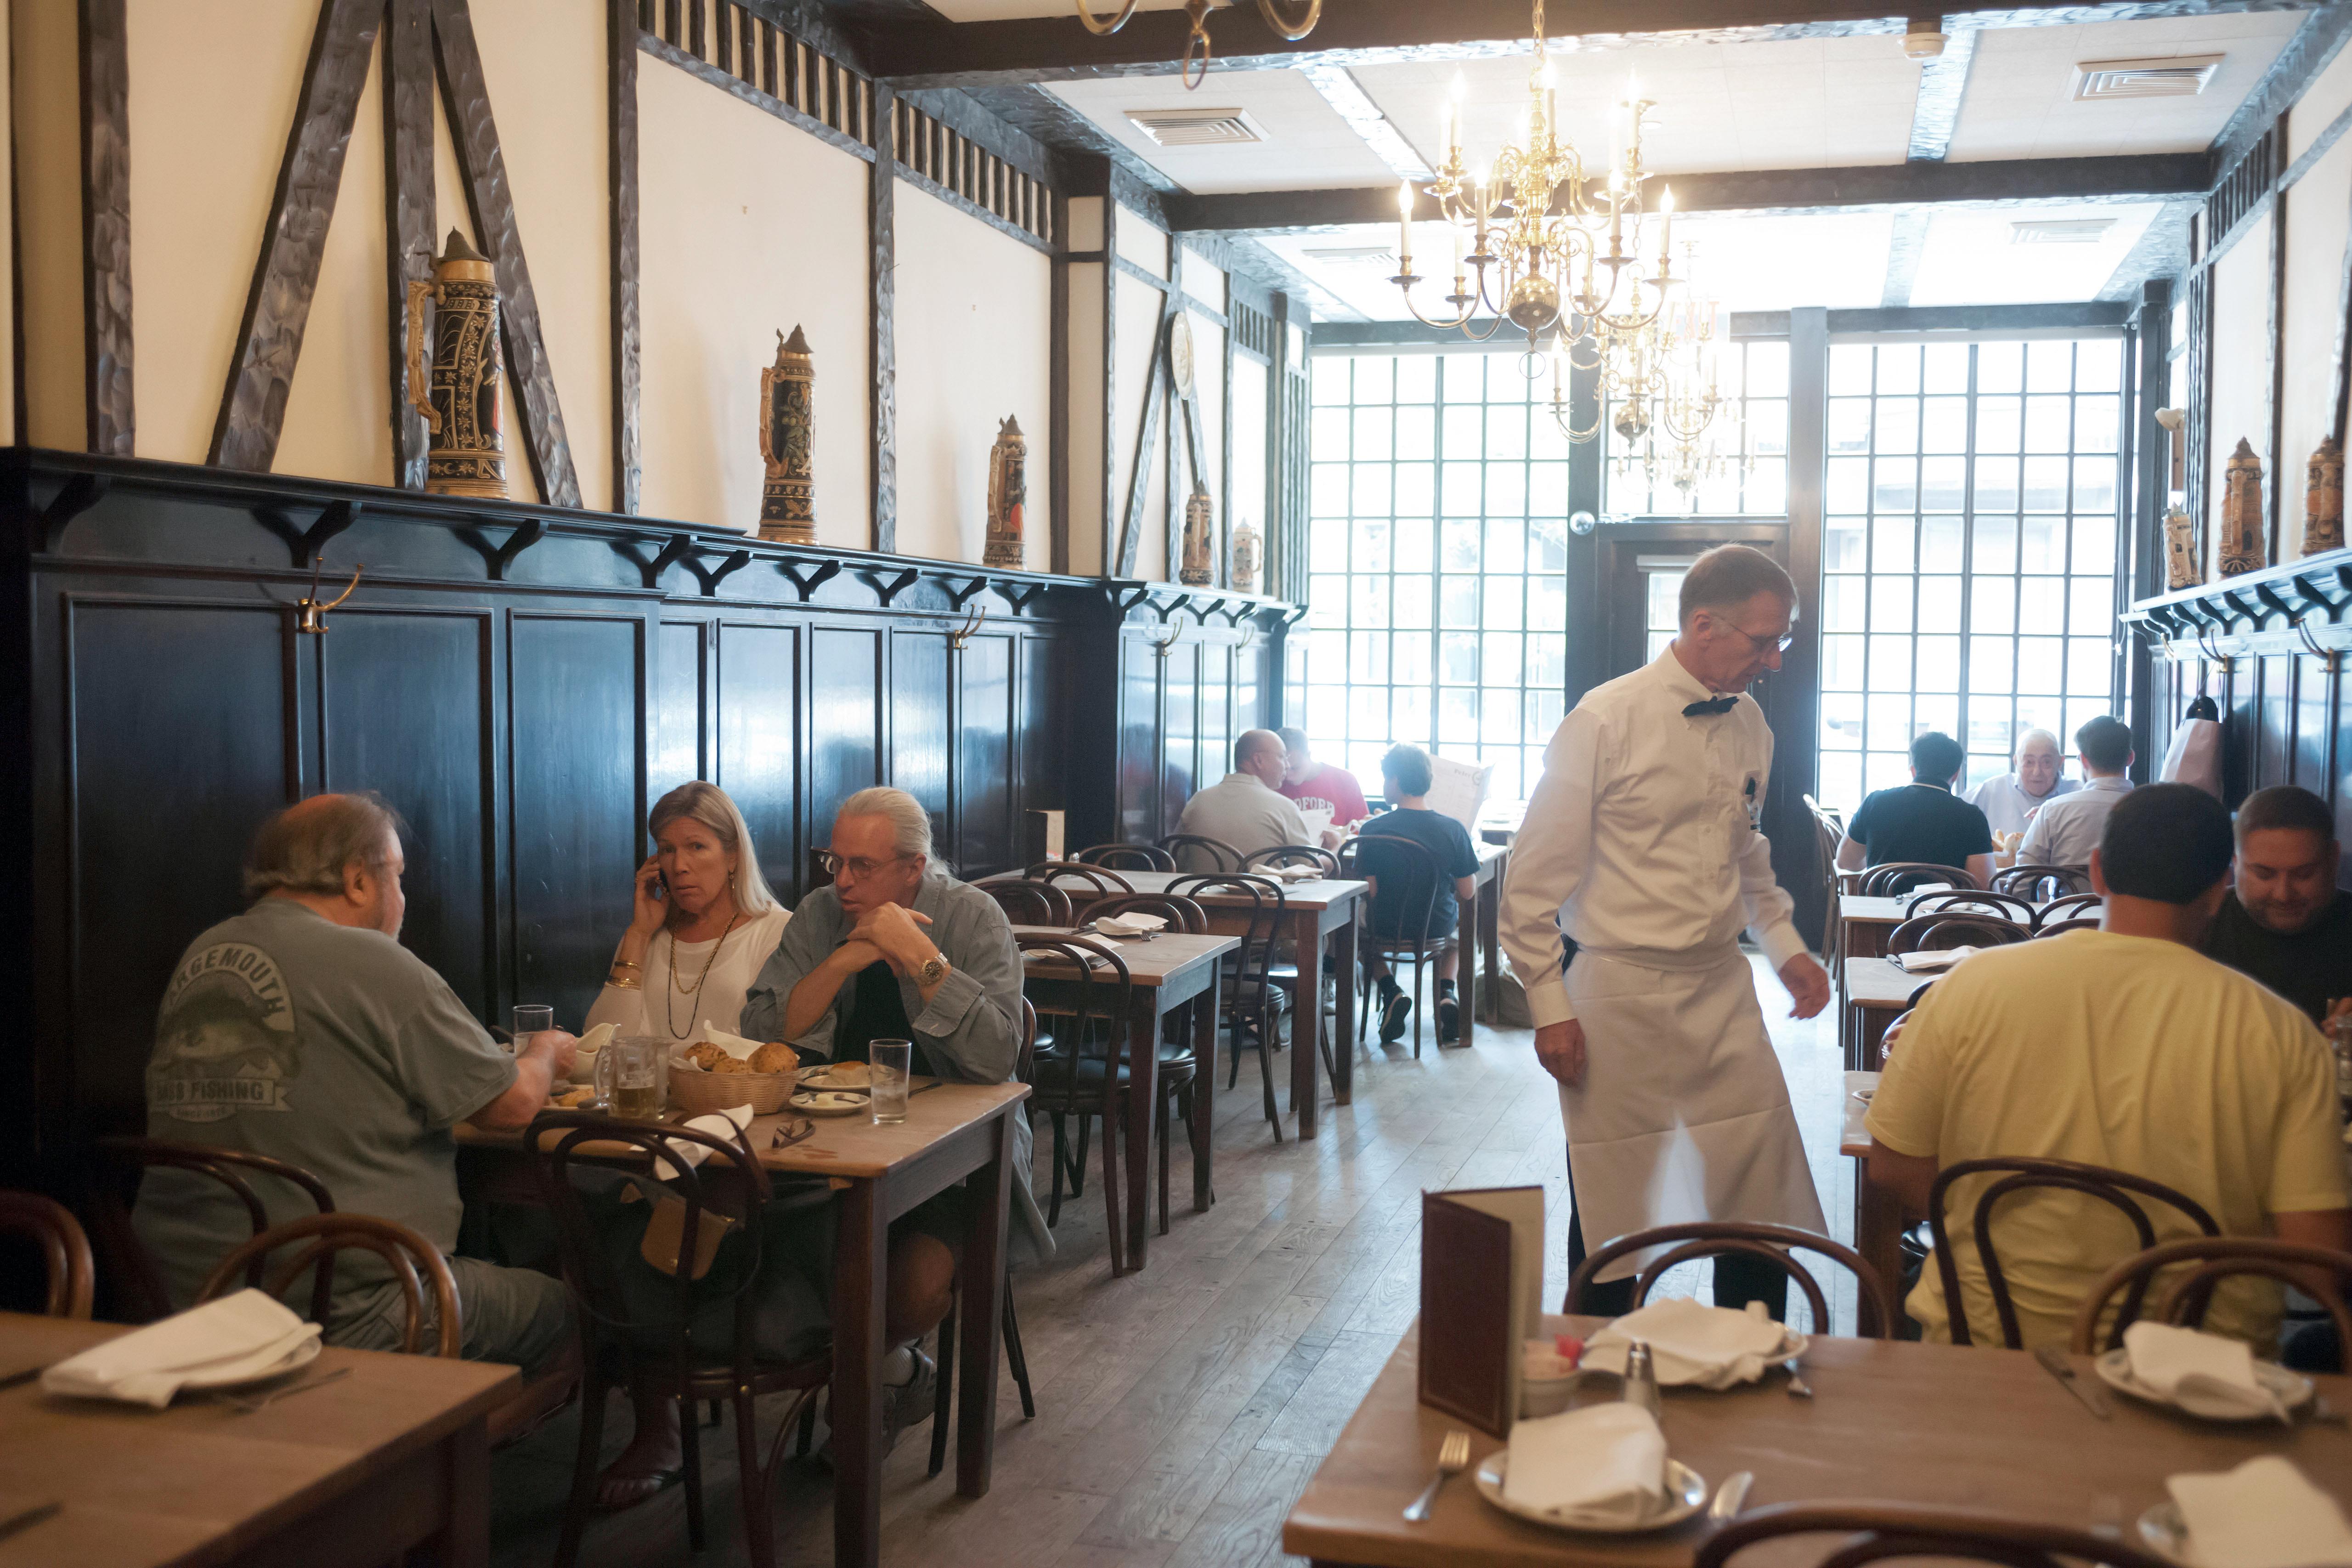 interior del restaurante Peter Luger Steak House en Williamsburg, Brooklyn en Nueva York.